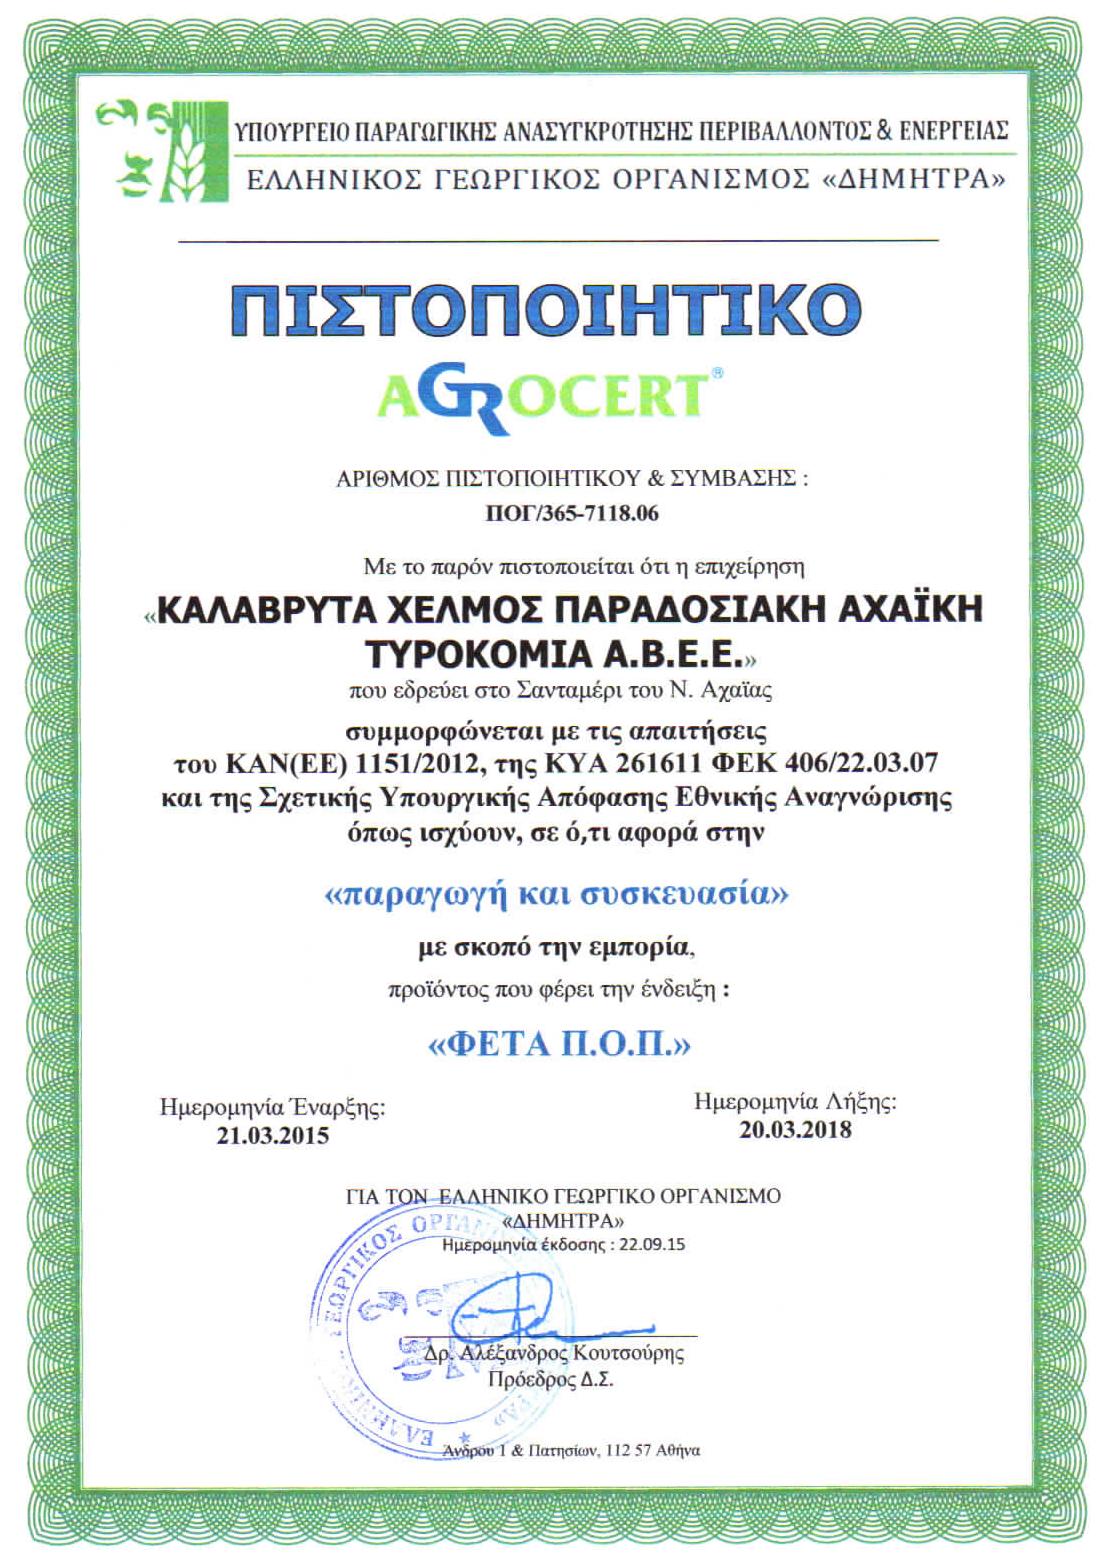 ΠΙΣΤΟΠΟΙΗΤΙΚΟ ΧΕΛΜΟΣ (agrocert 2018)